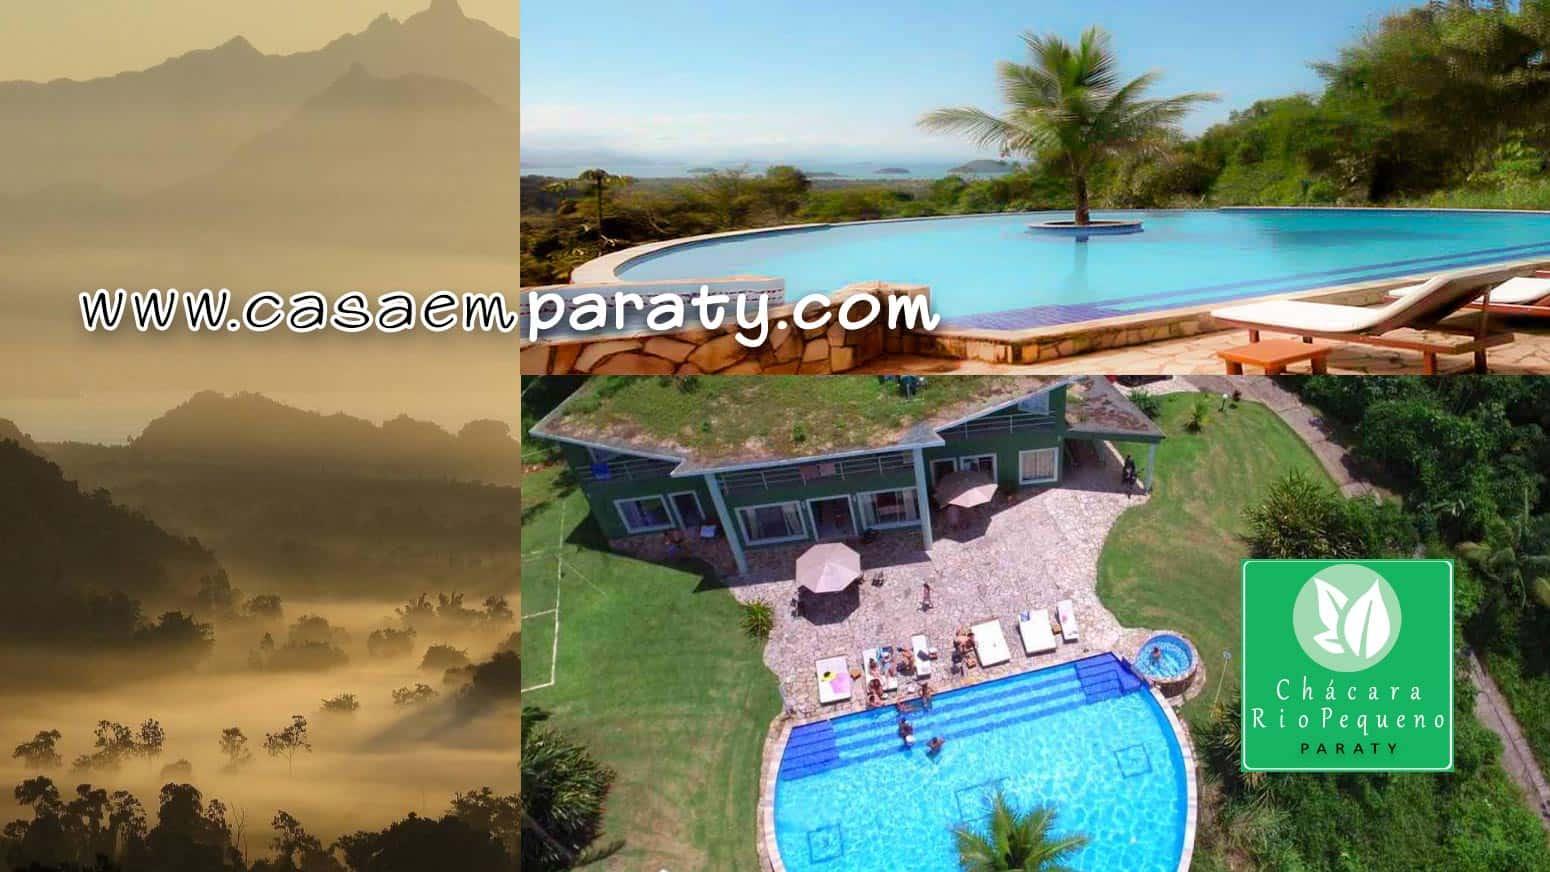 Casa de Luxo para aluguel de tempoarada em Paraty